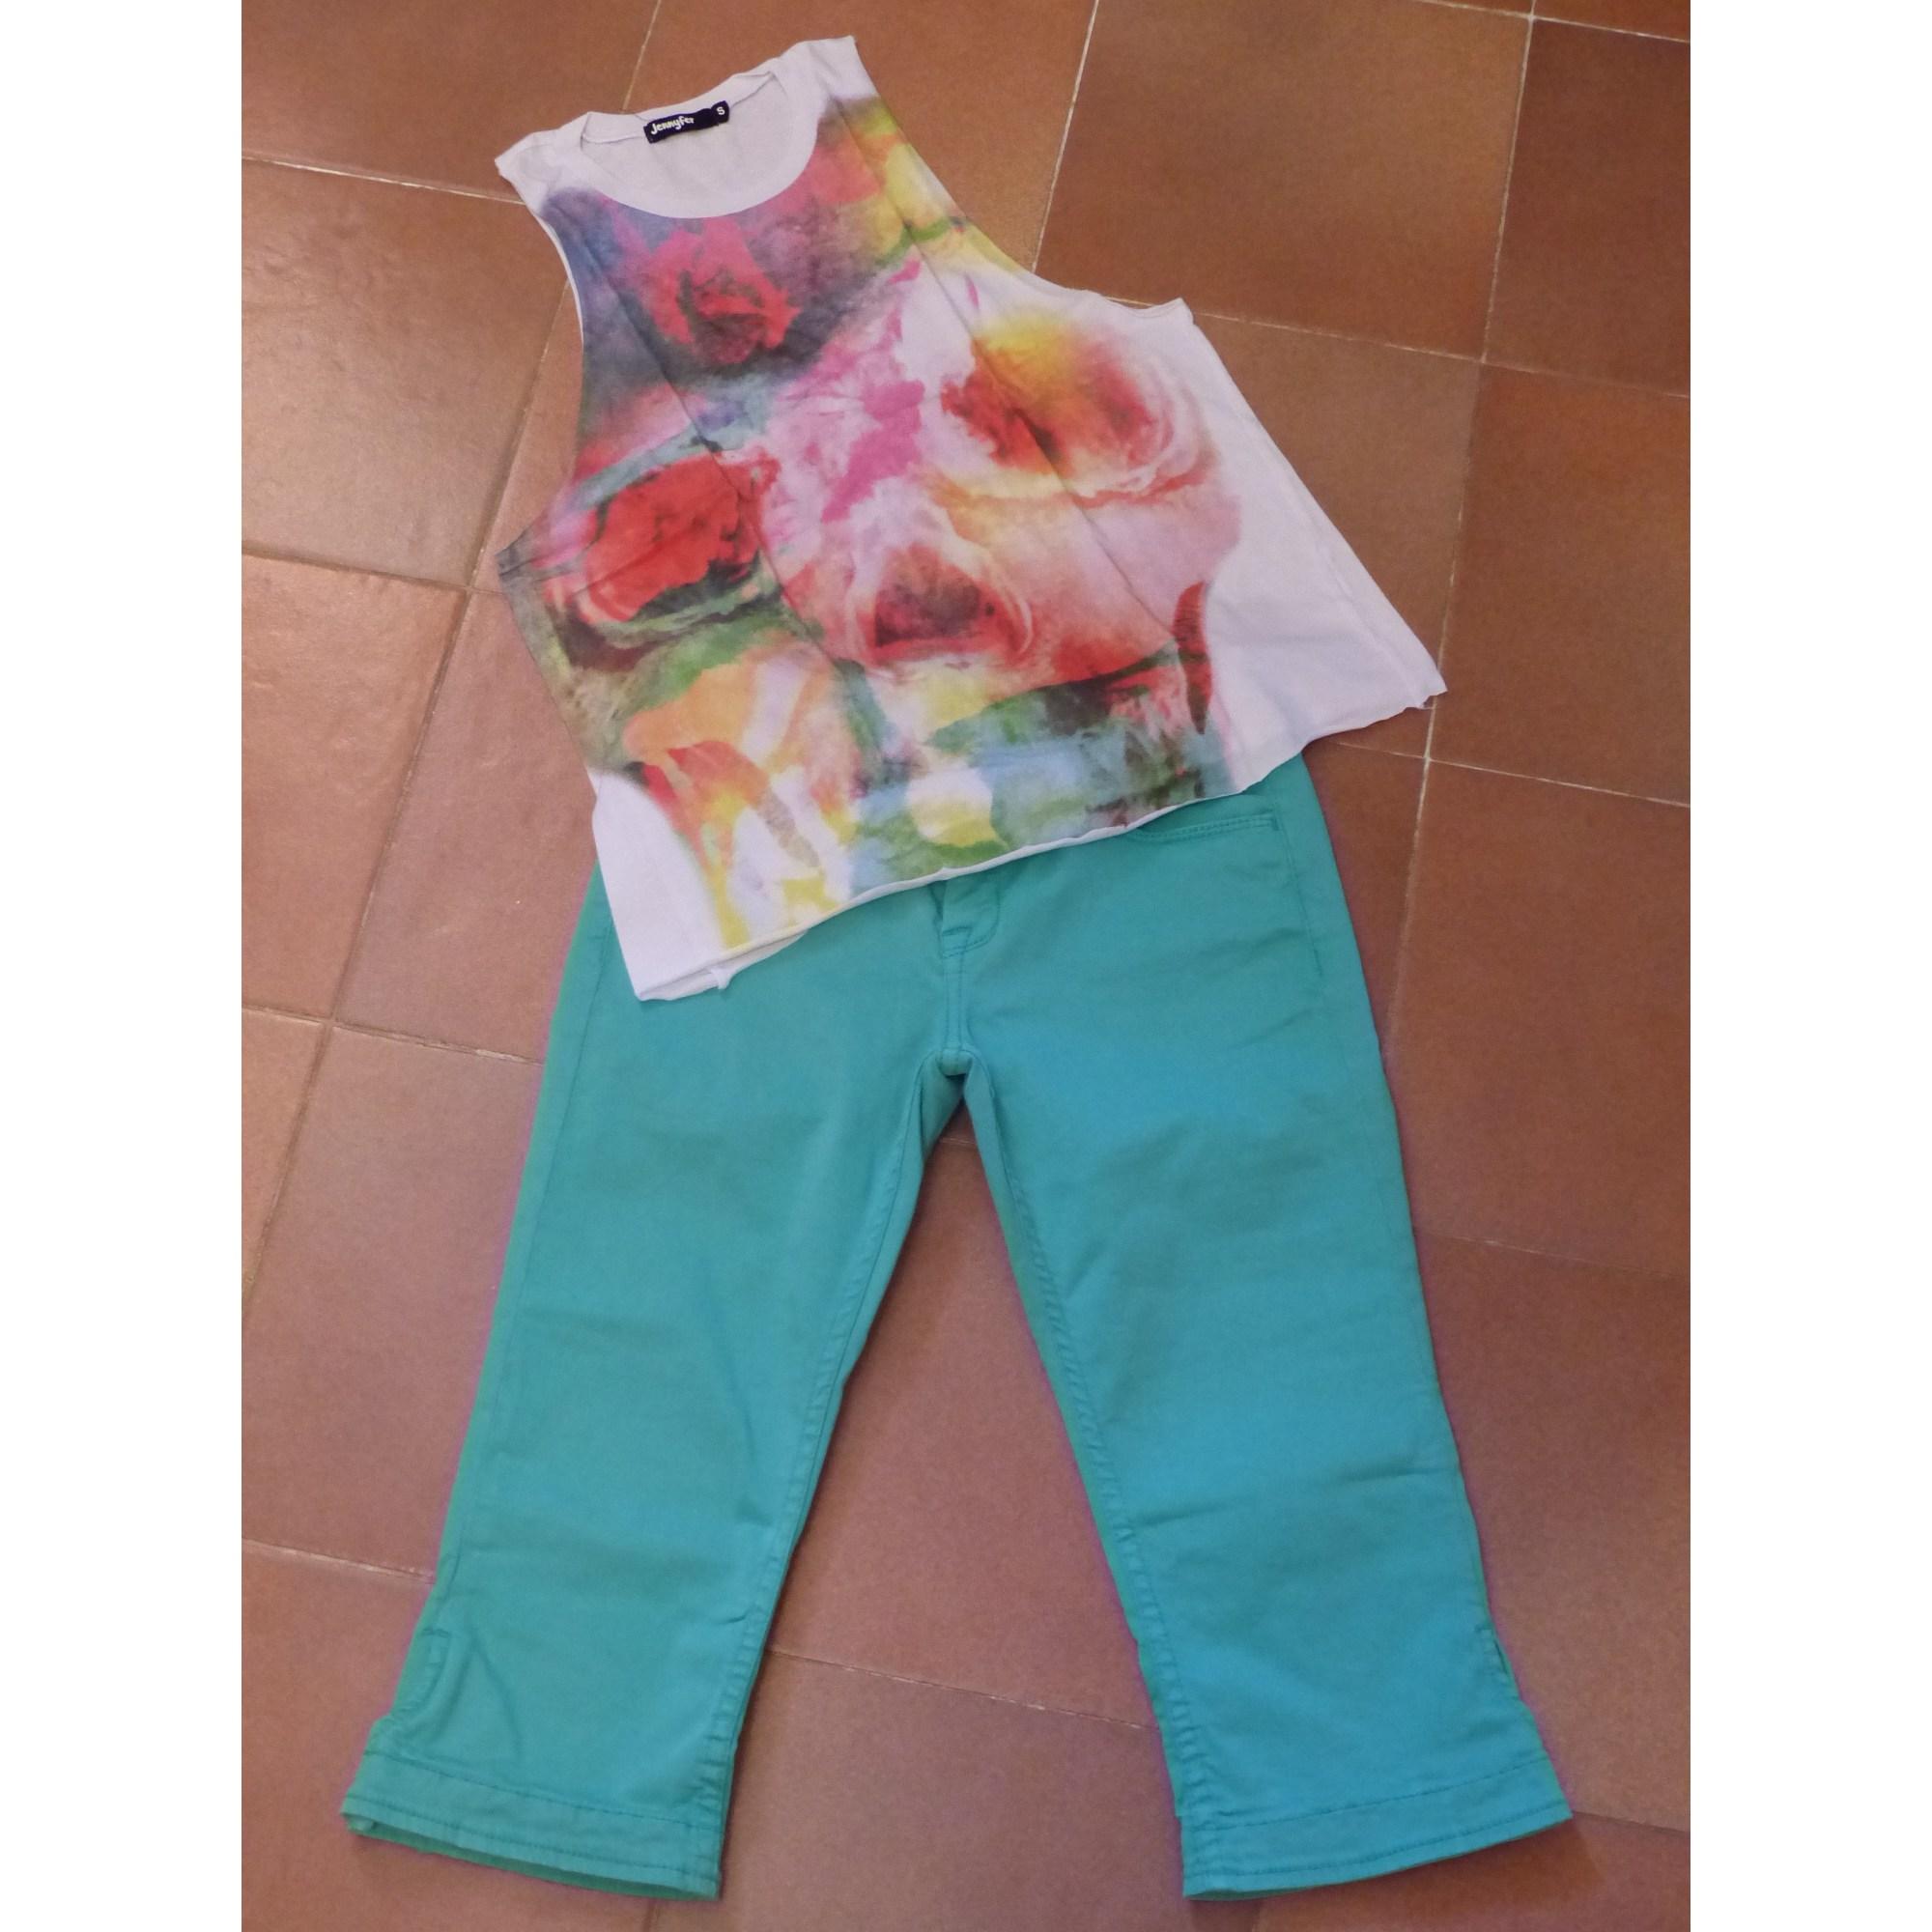 Pantalon LE TEMPS DES CERISES coton vert 13-14 ans